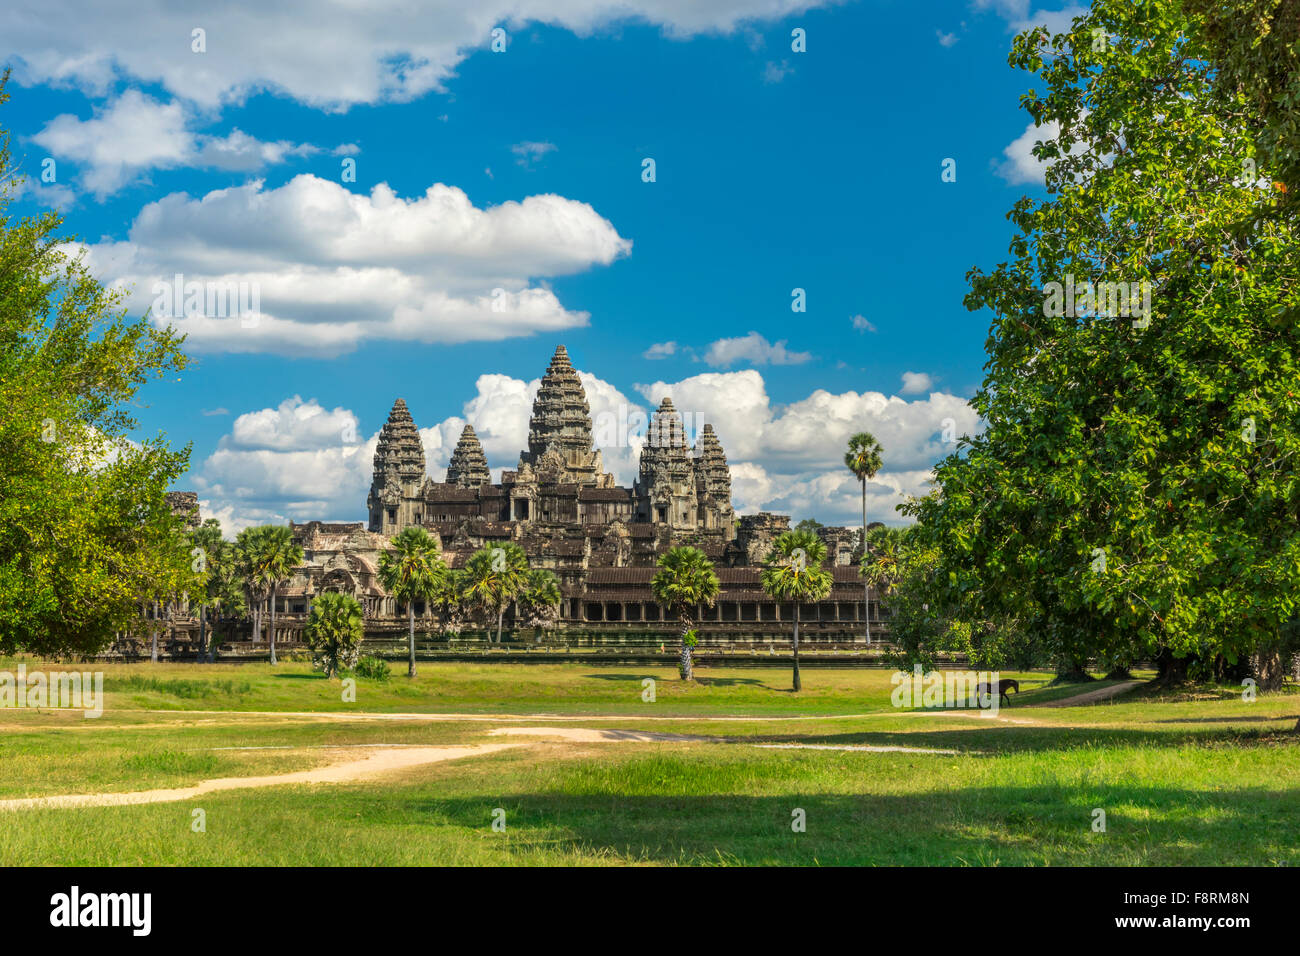 Ancien temple Angkor Wat, un jour ensoleillé, à cheval, blue skay et de nombreux nuages à Siem Reap. Photo Stock